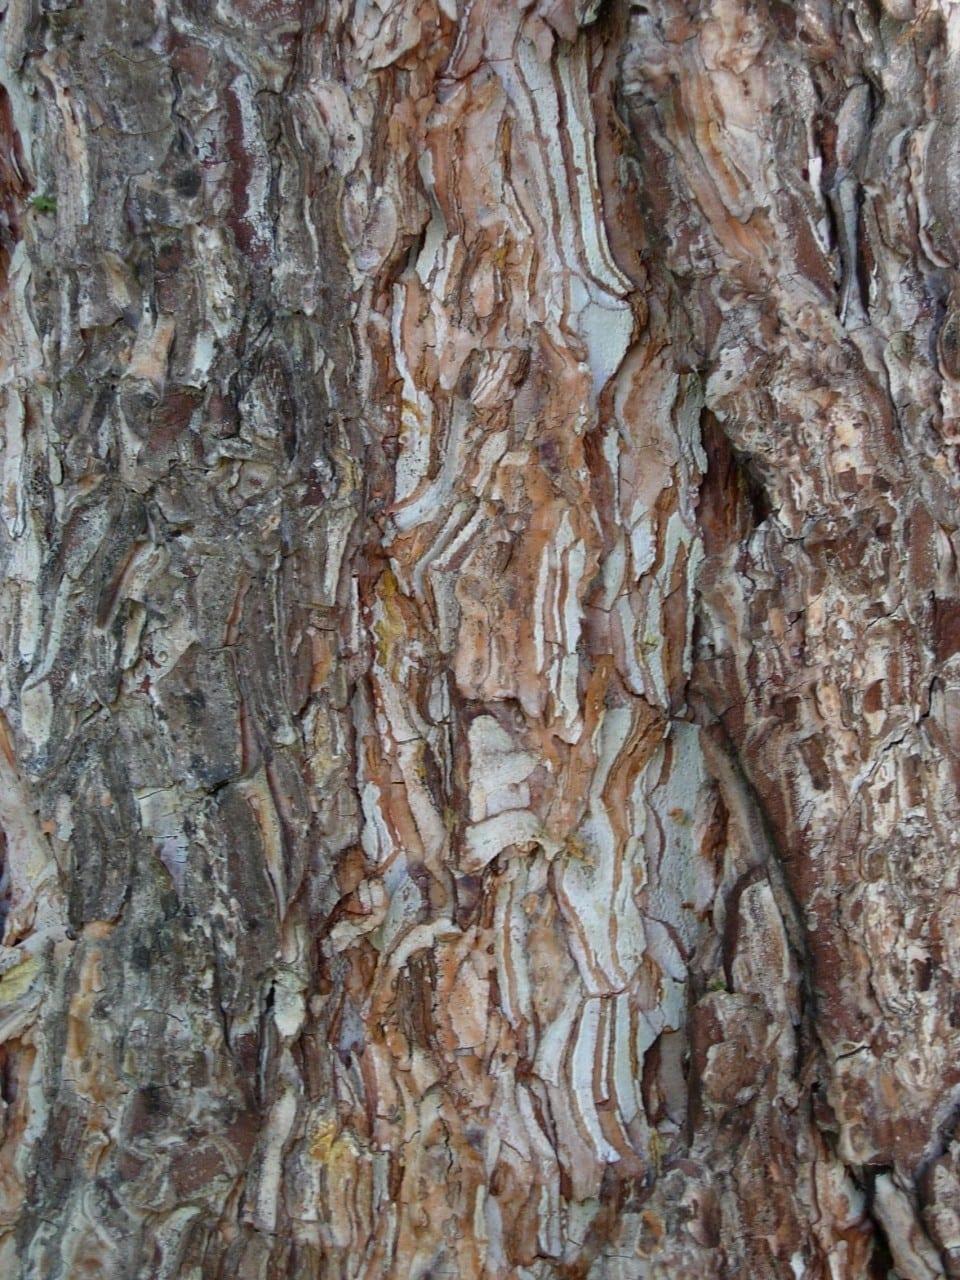 24.08.-02.09. Kiefer: Hochzeitsbaum der Geduld